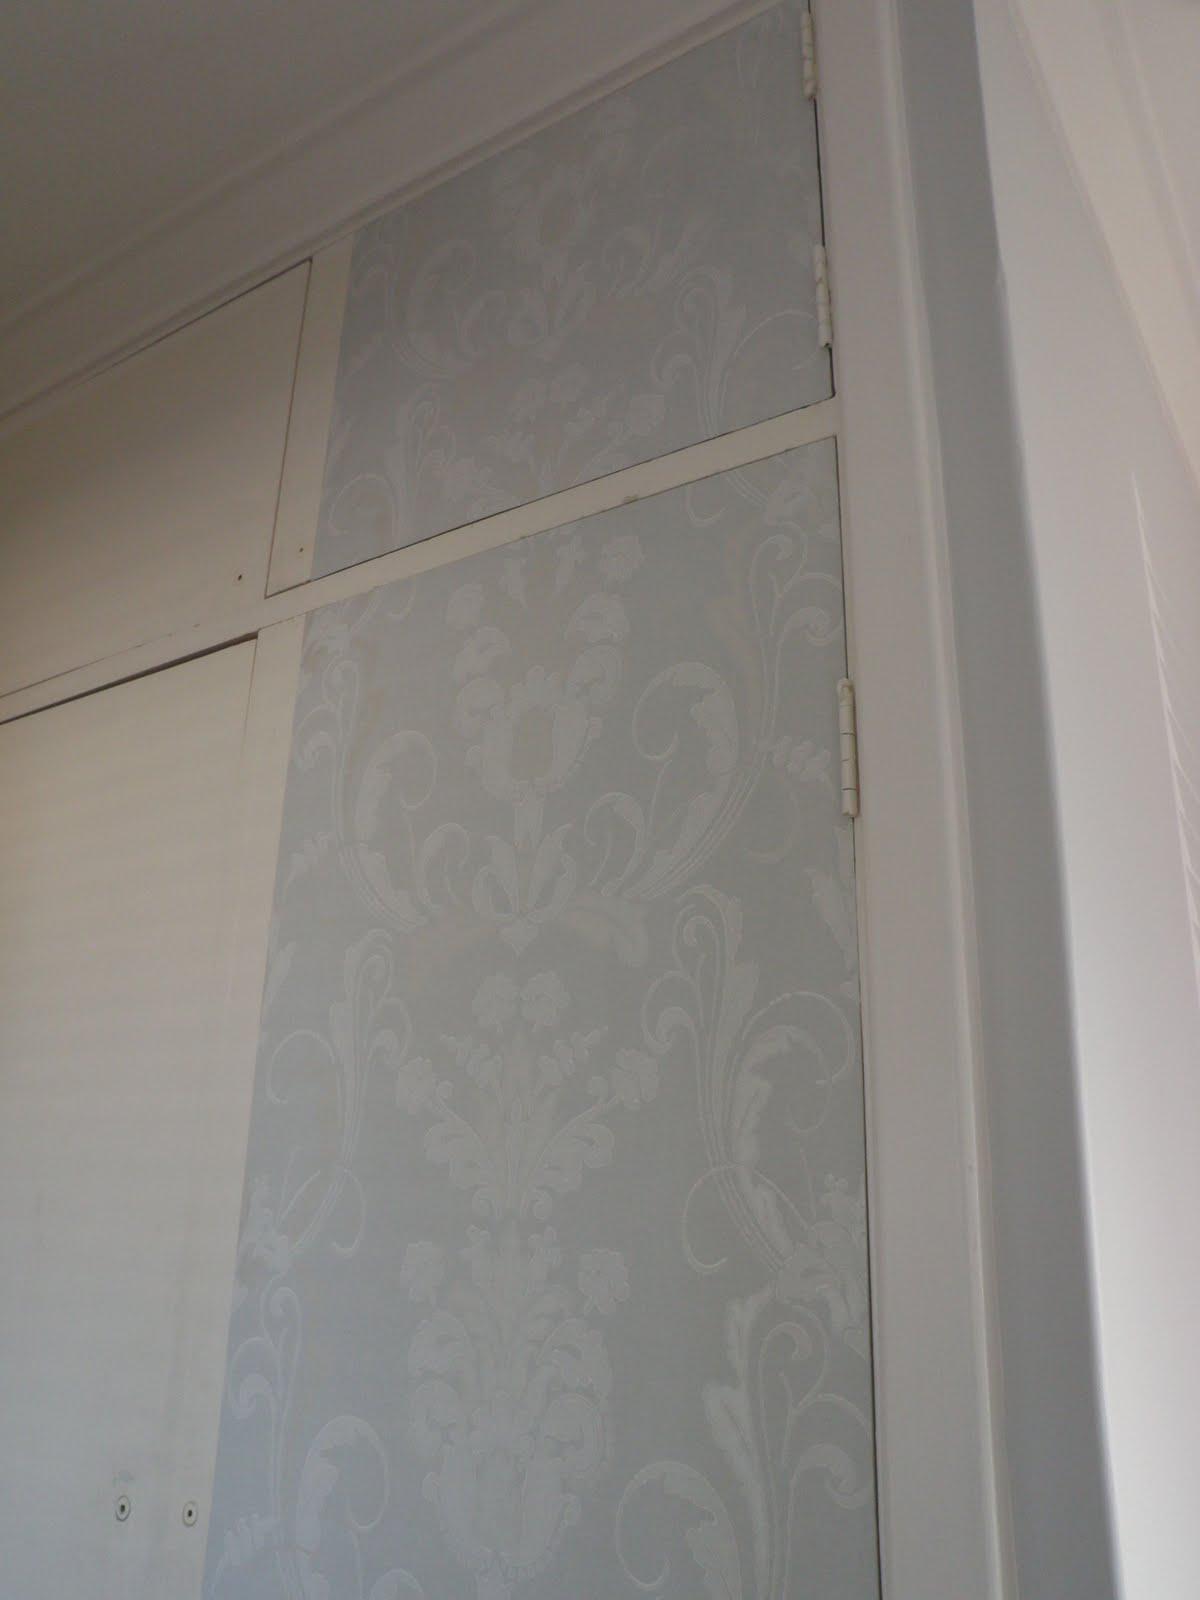 http://1.bp.blogspot.com/-Tjw9NuhMG8Y/TddQCUBQeZI/AAAAAAAAAwE/mshO2BHzhjM/s1600/hallway+wallpaper.jpg